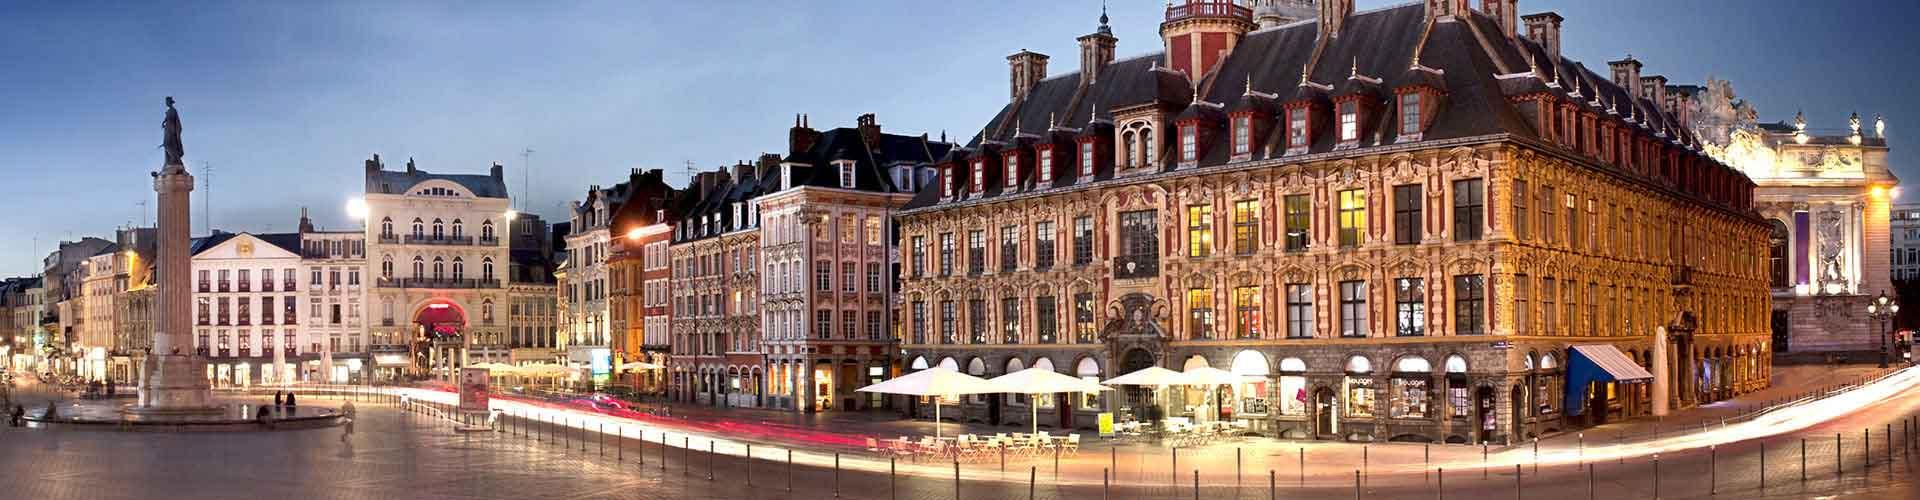 Lille - Auberges de jeunesse à Lille. Cartes pour Lille, photos et commentaires pour chaque auberge de jeunesse à Lille.